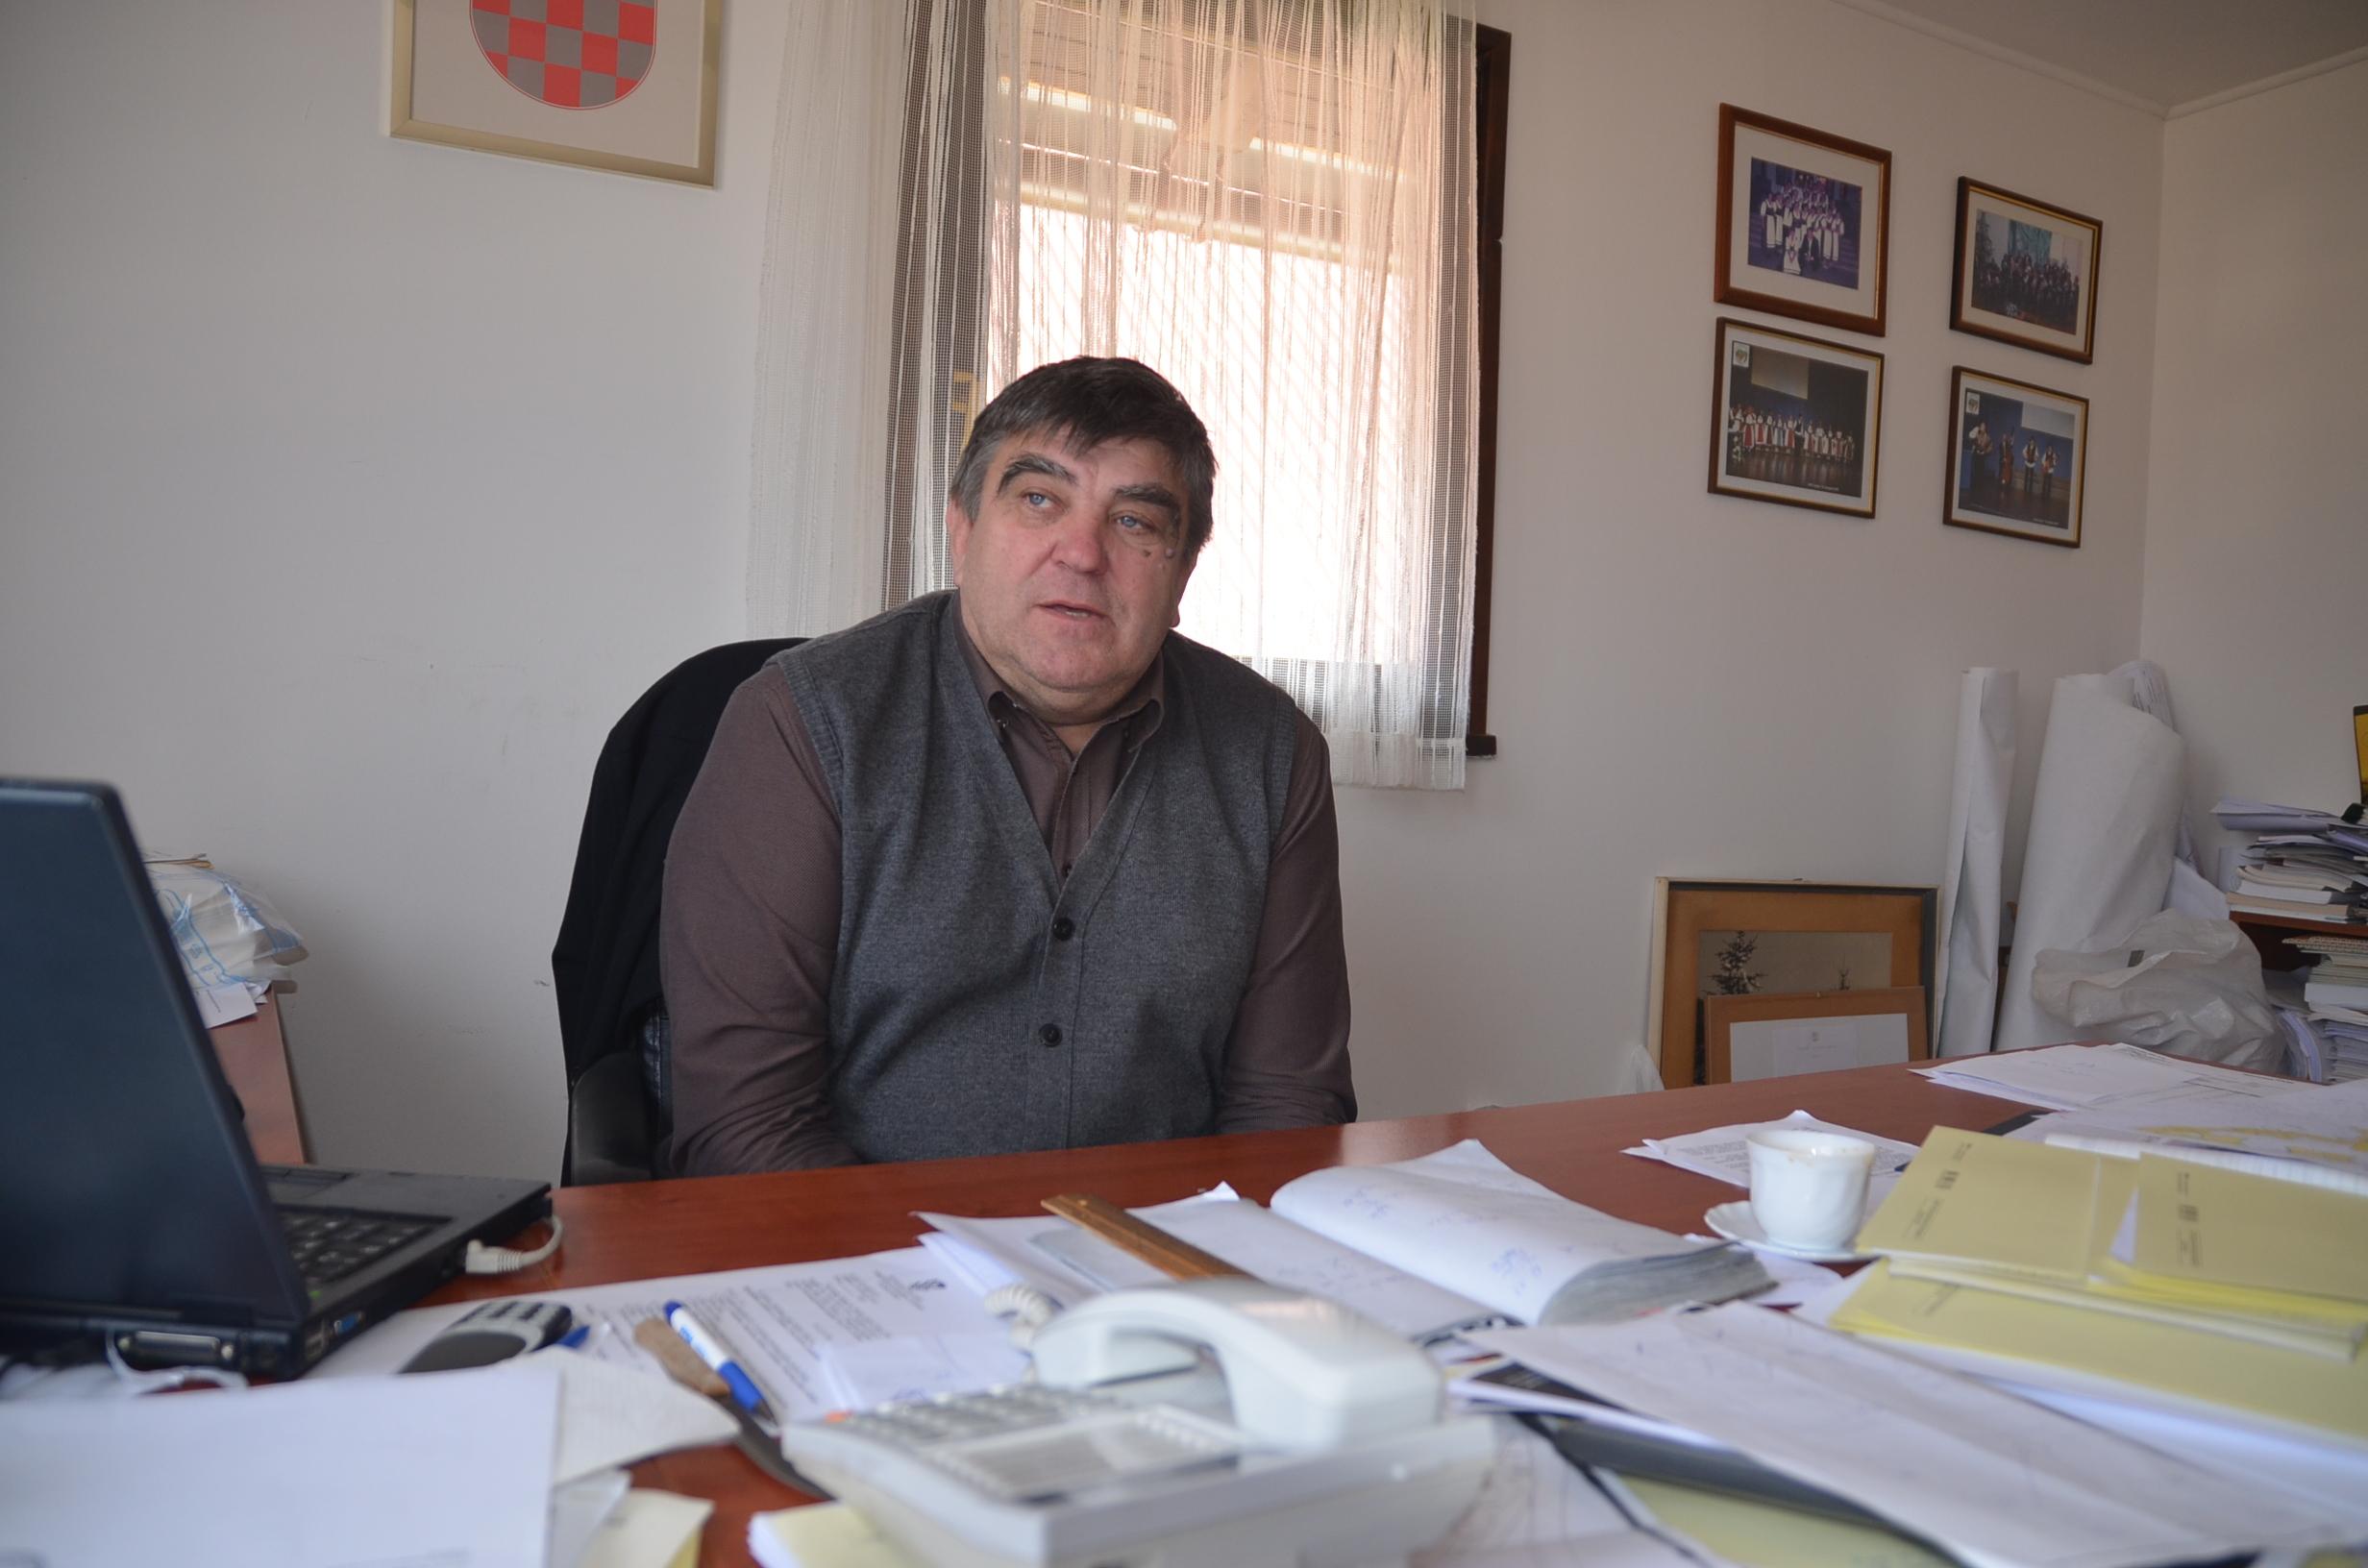 M. KRMPOTIĆ